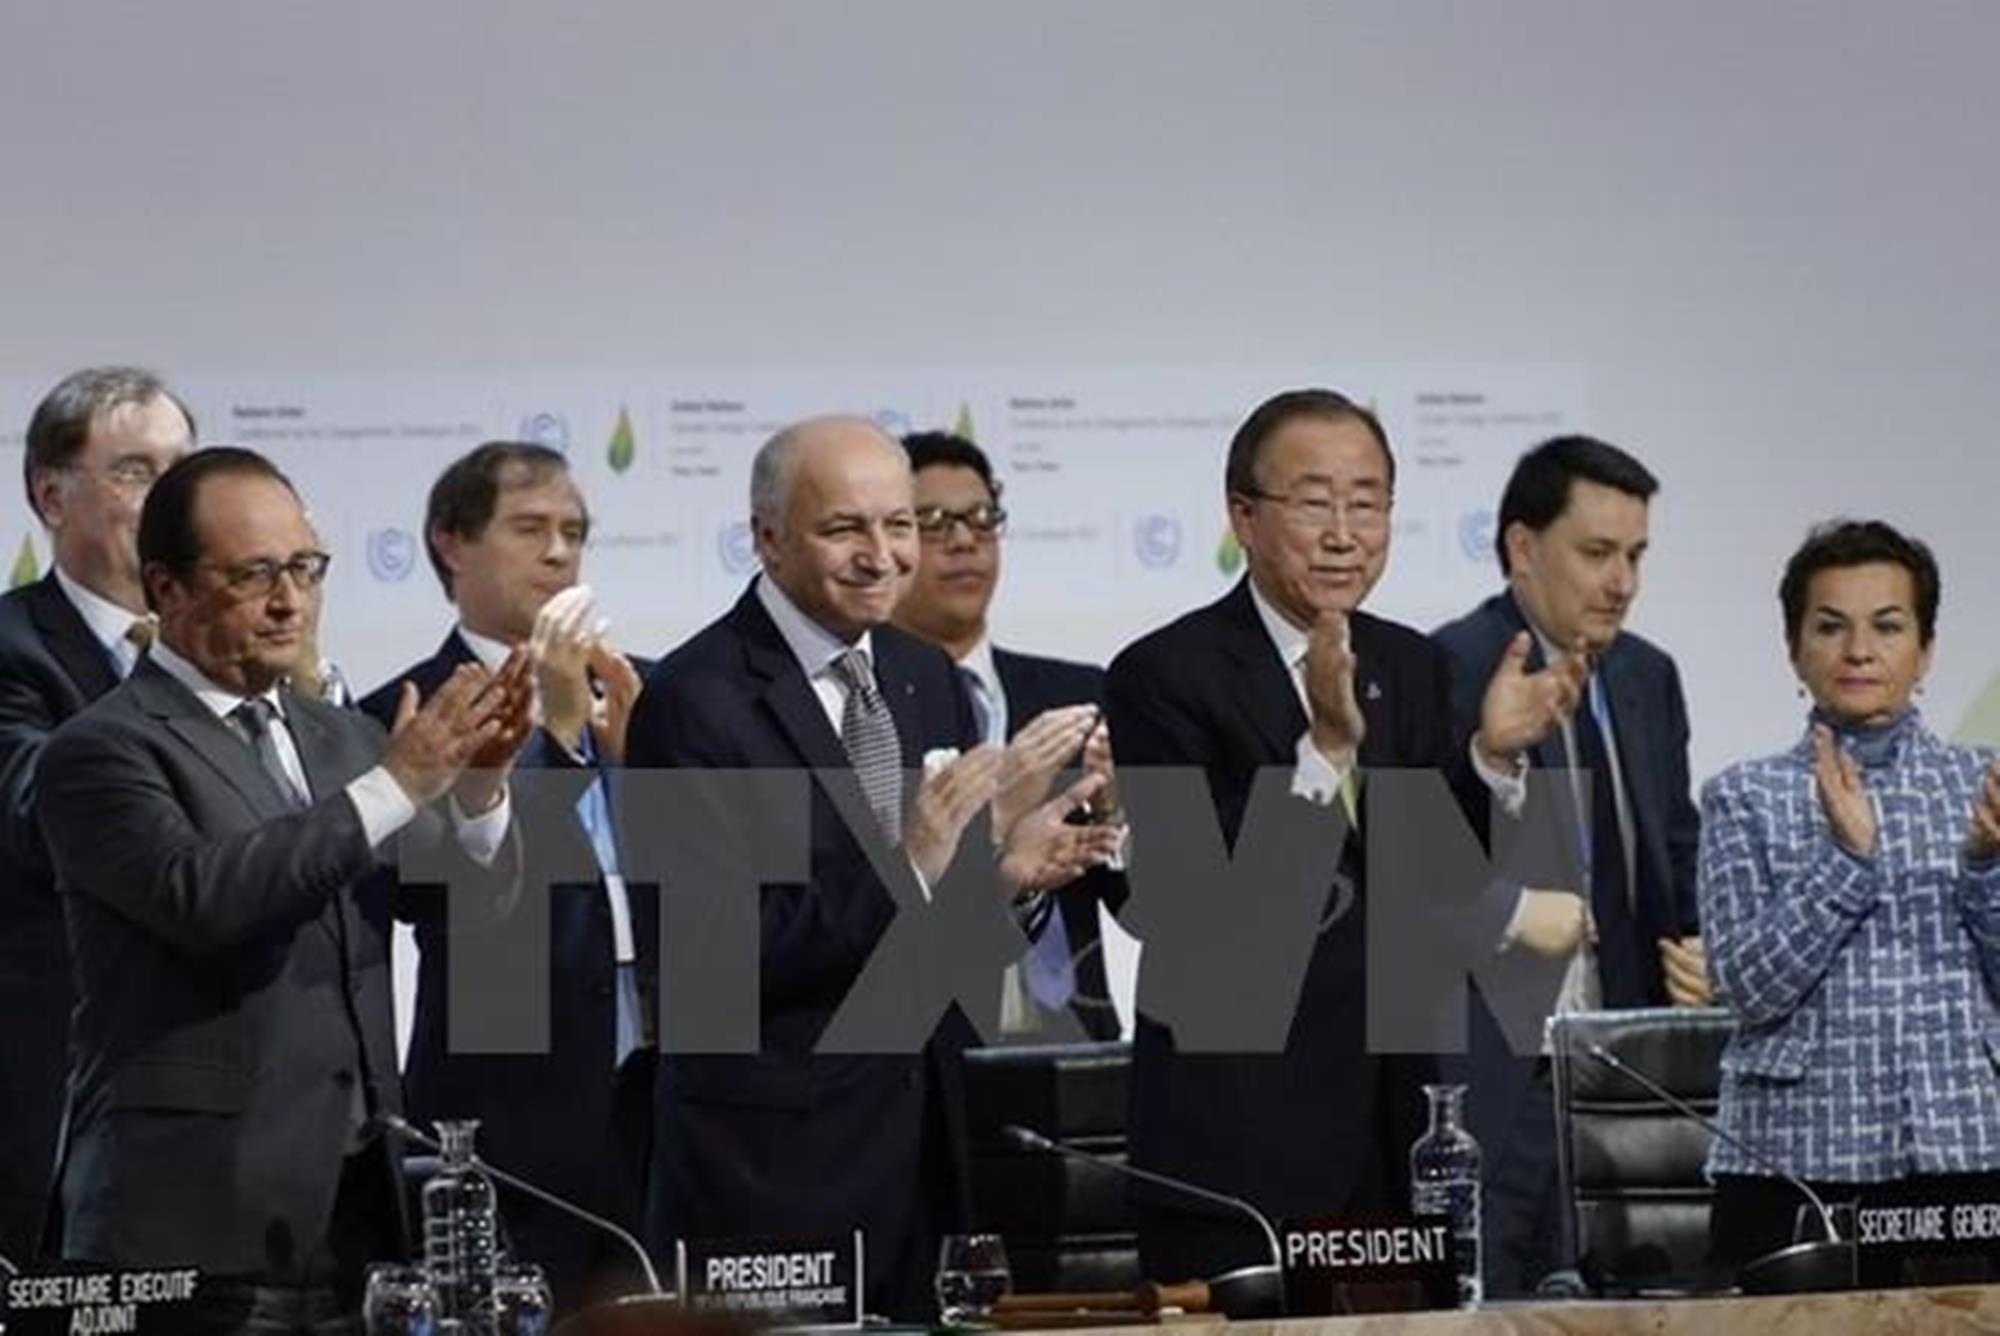 Делегаты стран на COP21 - Парижский договор об изменении климата. (Фото: AFP / ВИА)